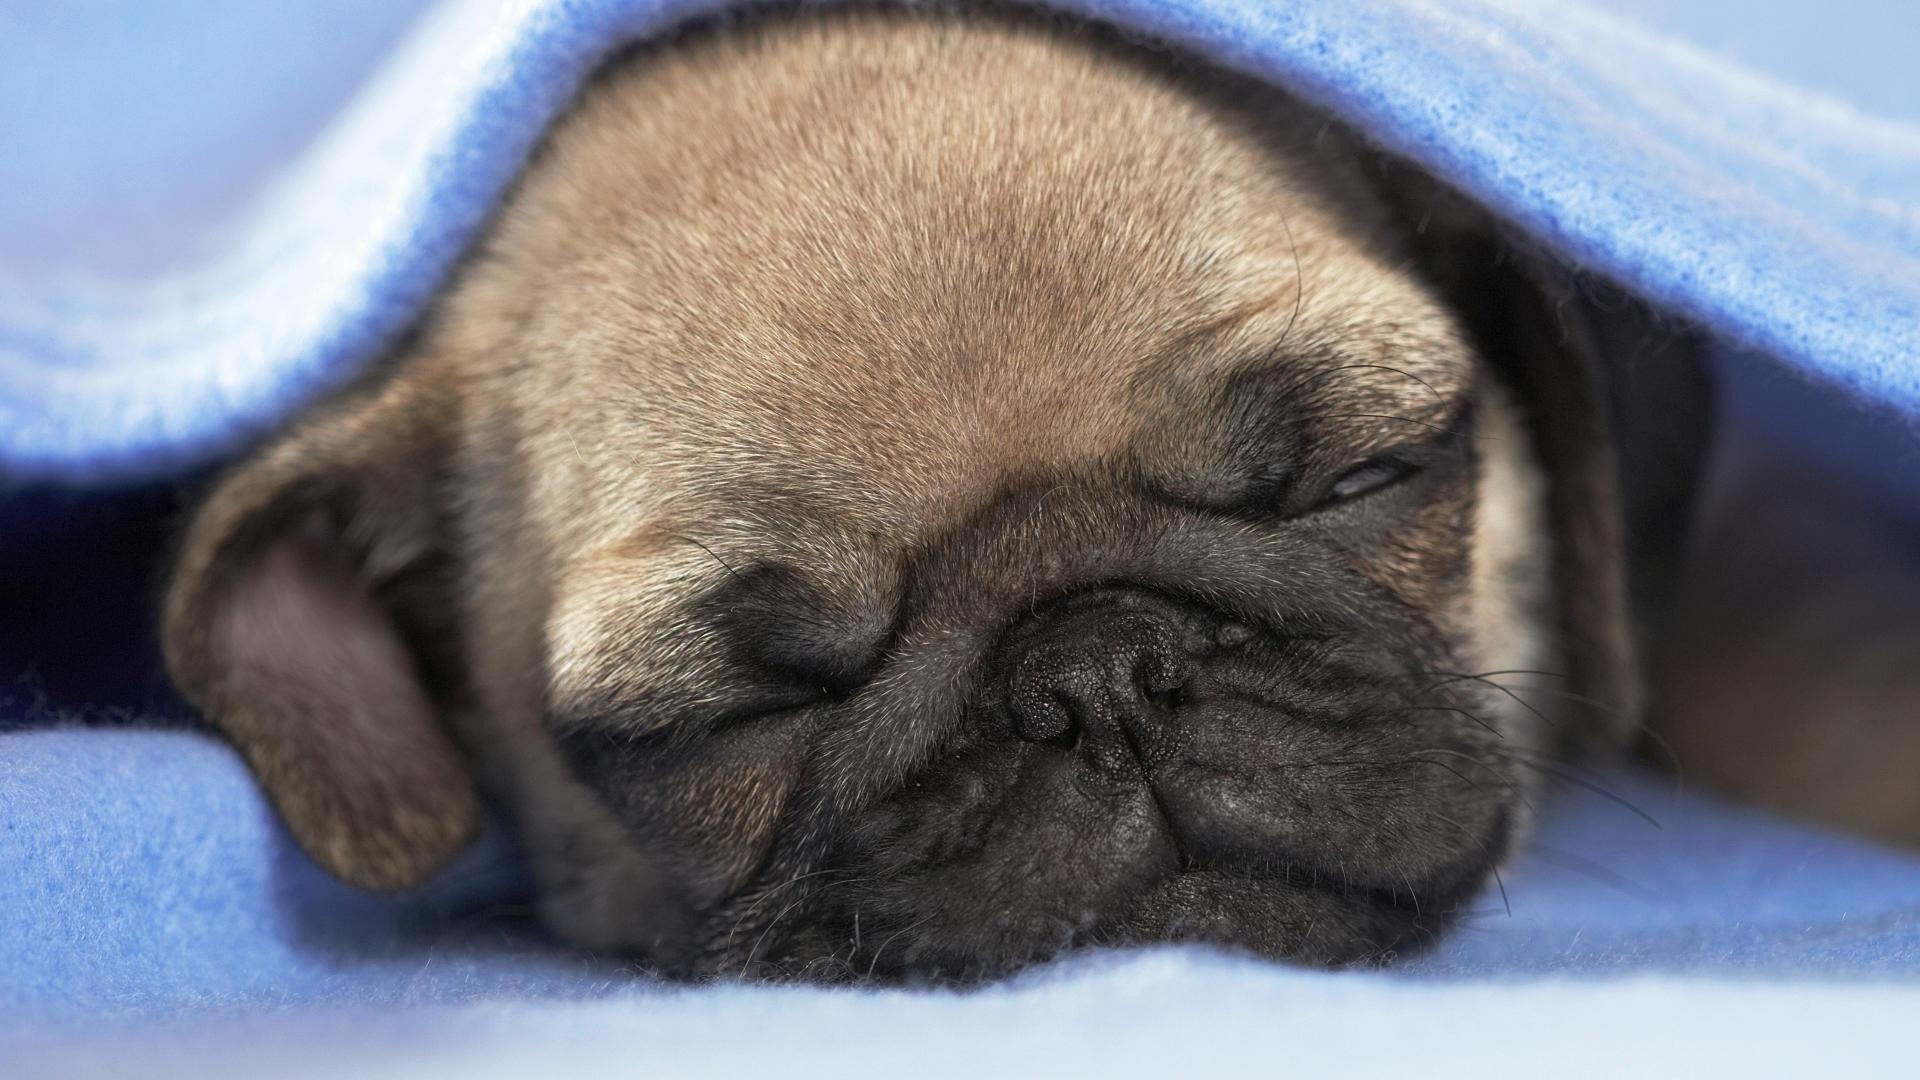 Pug Desktop Wallpaper   The Dog Wallpaper   Best The Dog Wallpaper 1920x1080